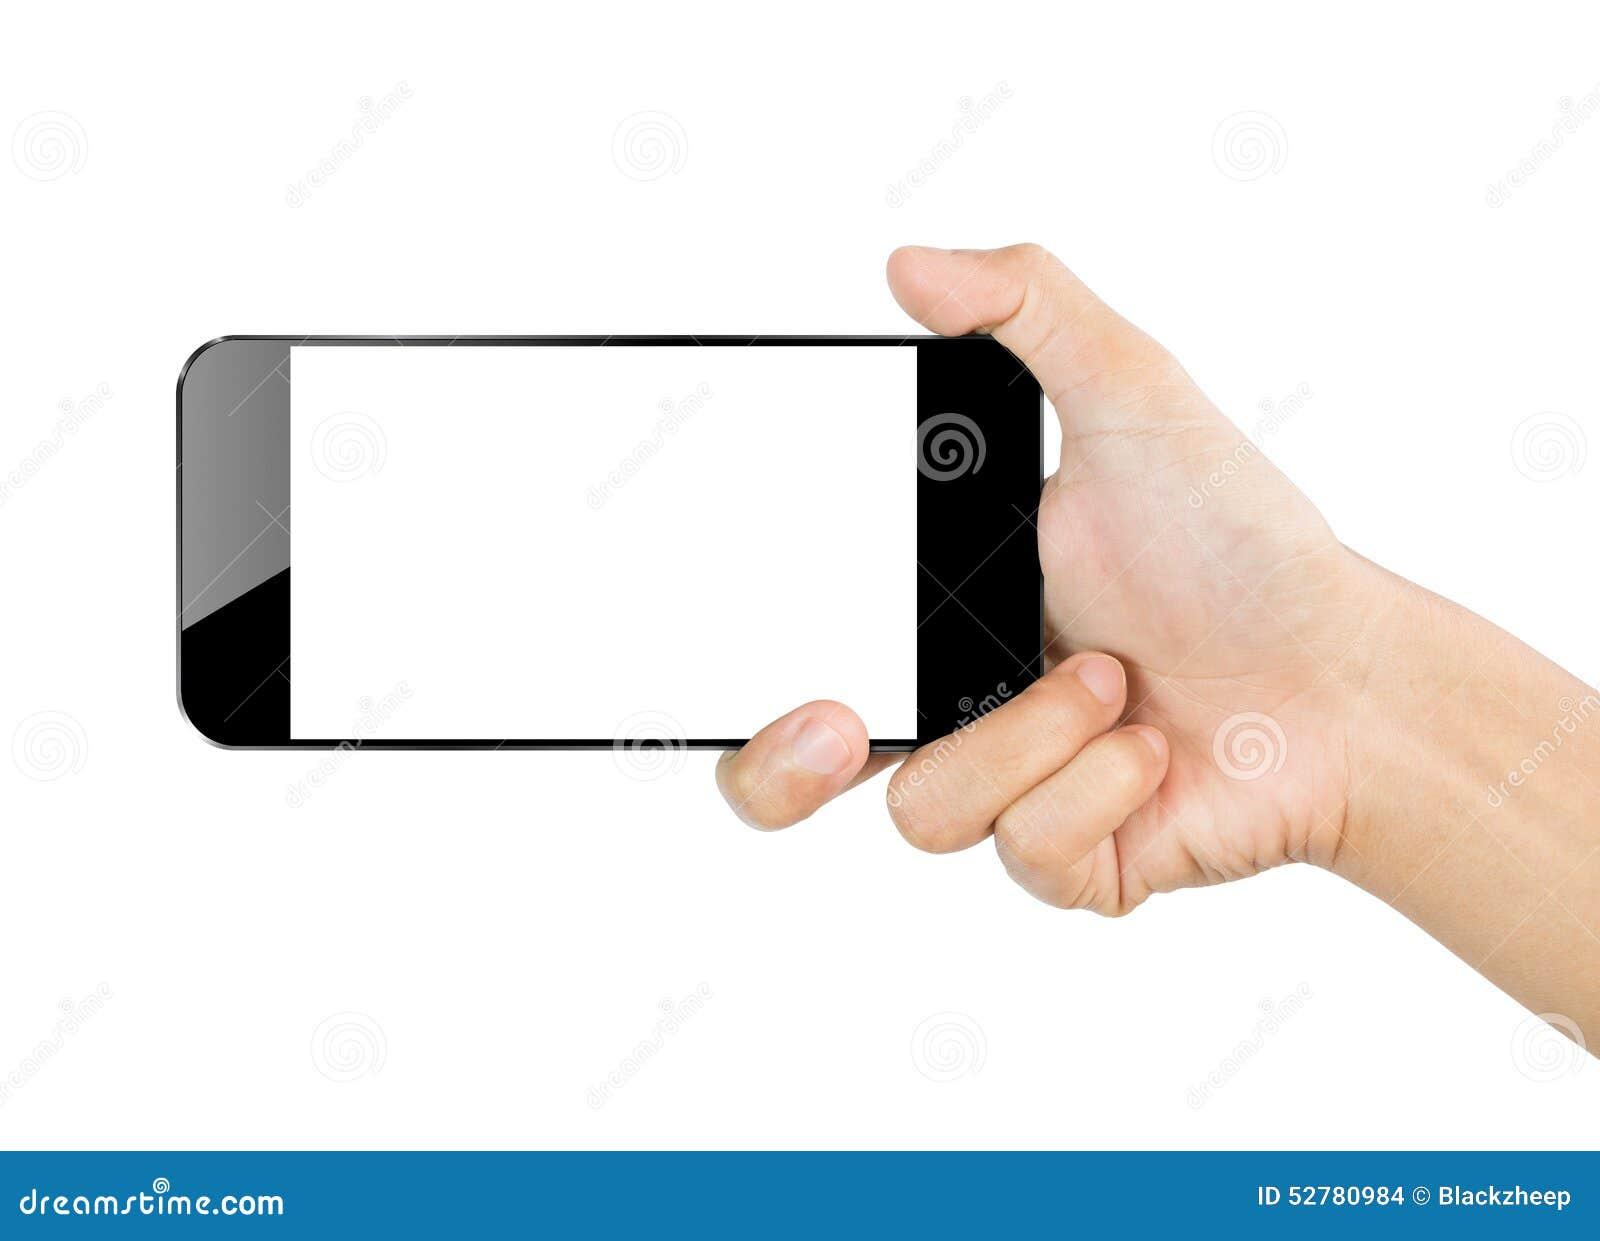 Móvil del smartphone del control de la mano del primer aislado en la trayectoria de recortes blanca dentro